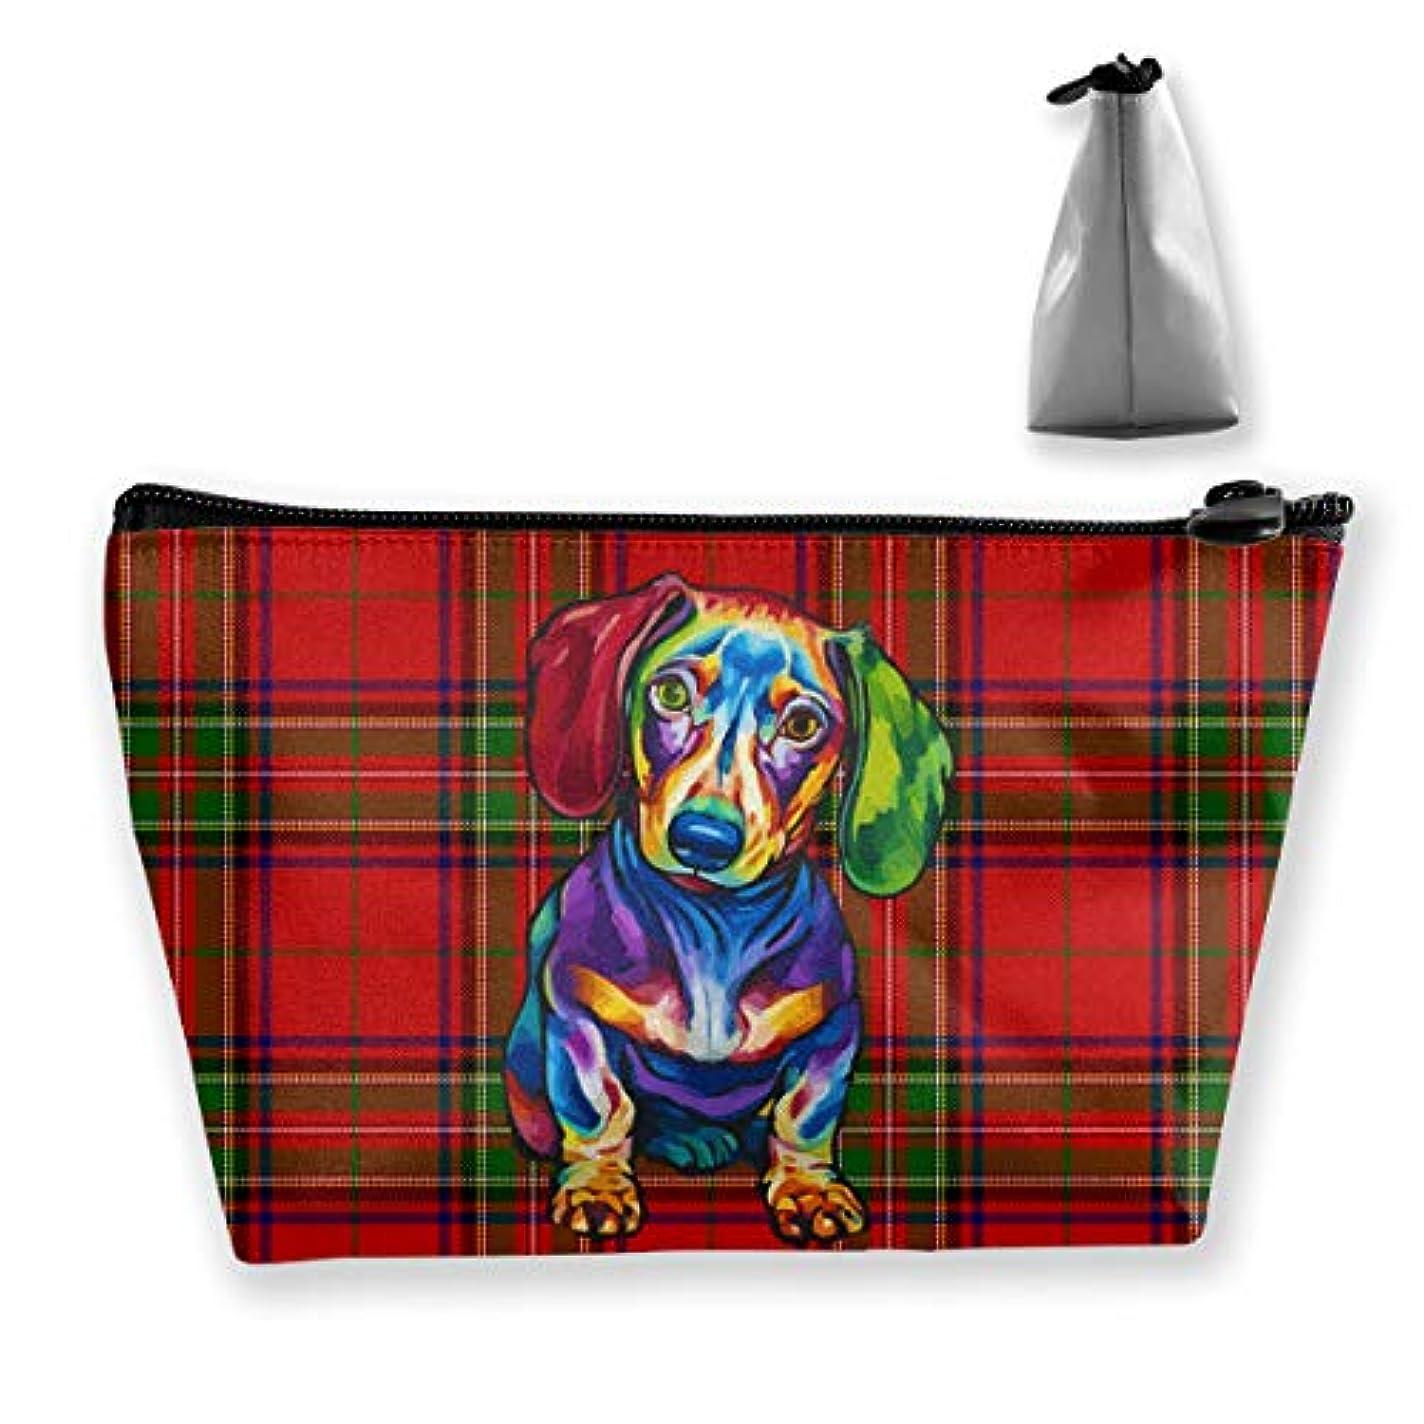 デッド珍味配列Szsgqkj 赤いスコットランドの柄 猟腸犬 化粧品袋の携帯用旅行構造の袋の洗面用品の主催者